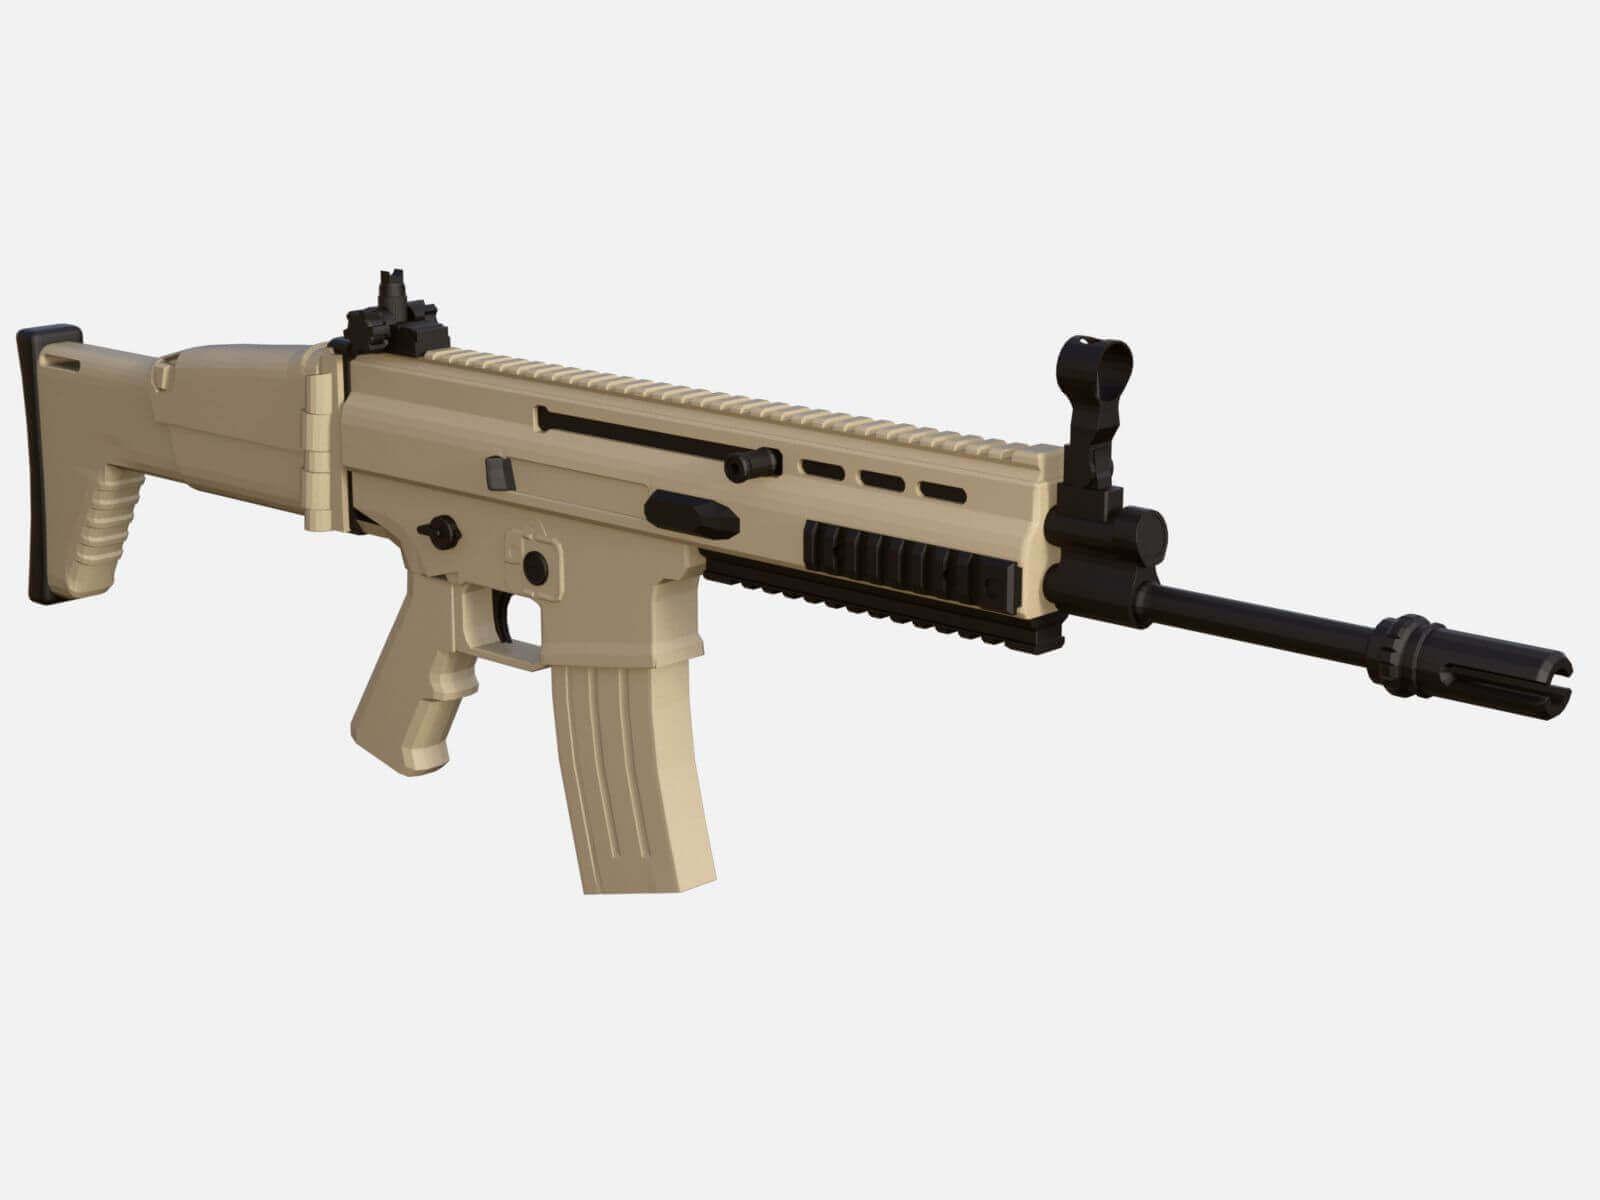 fn scar assault rifle 3d model